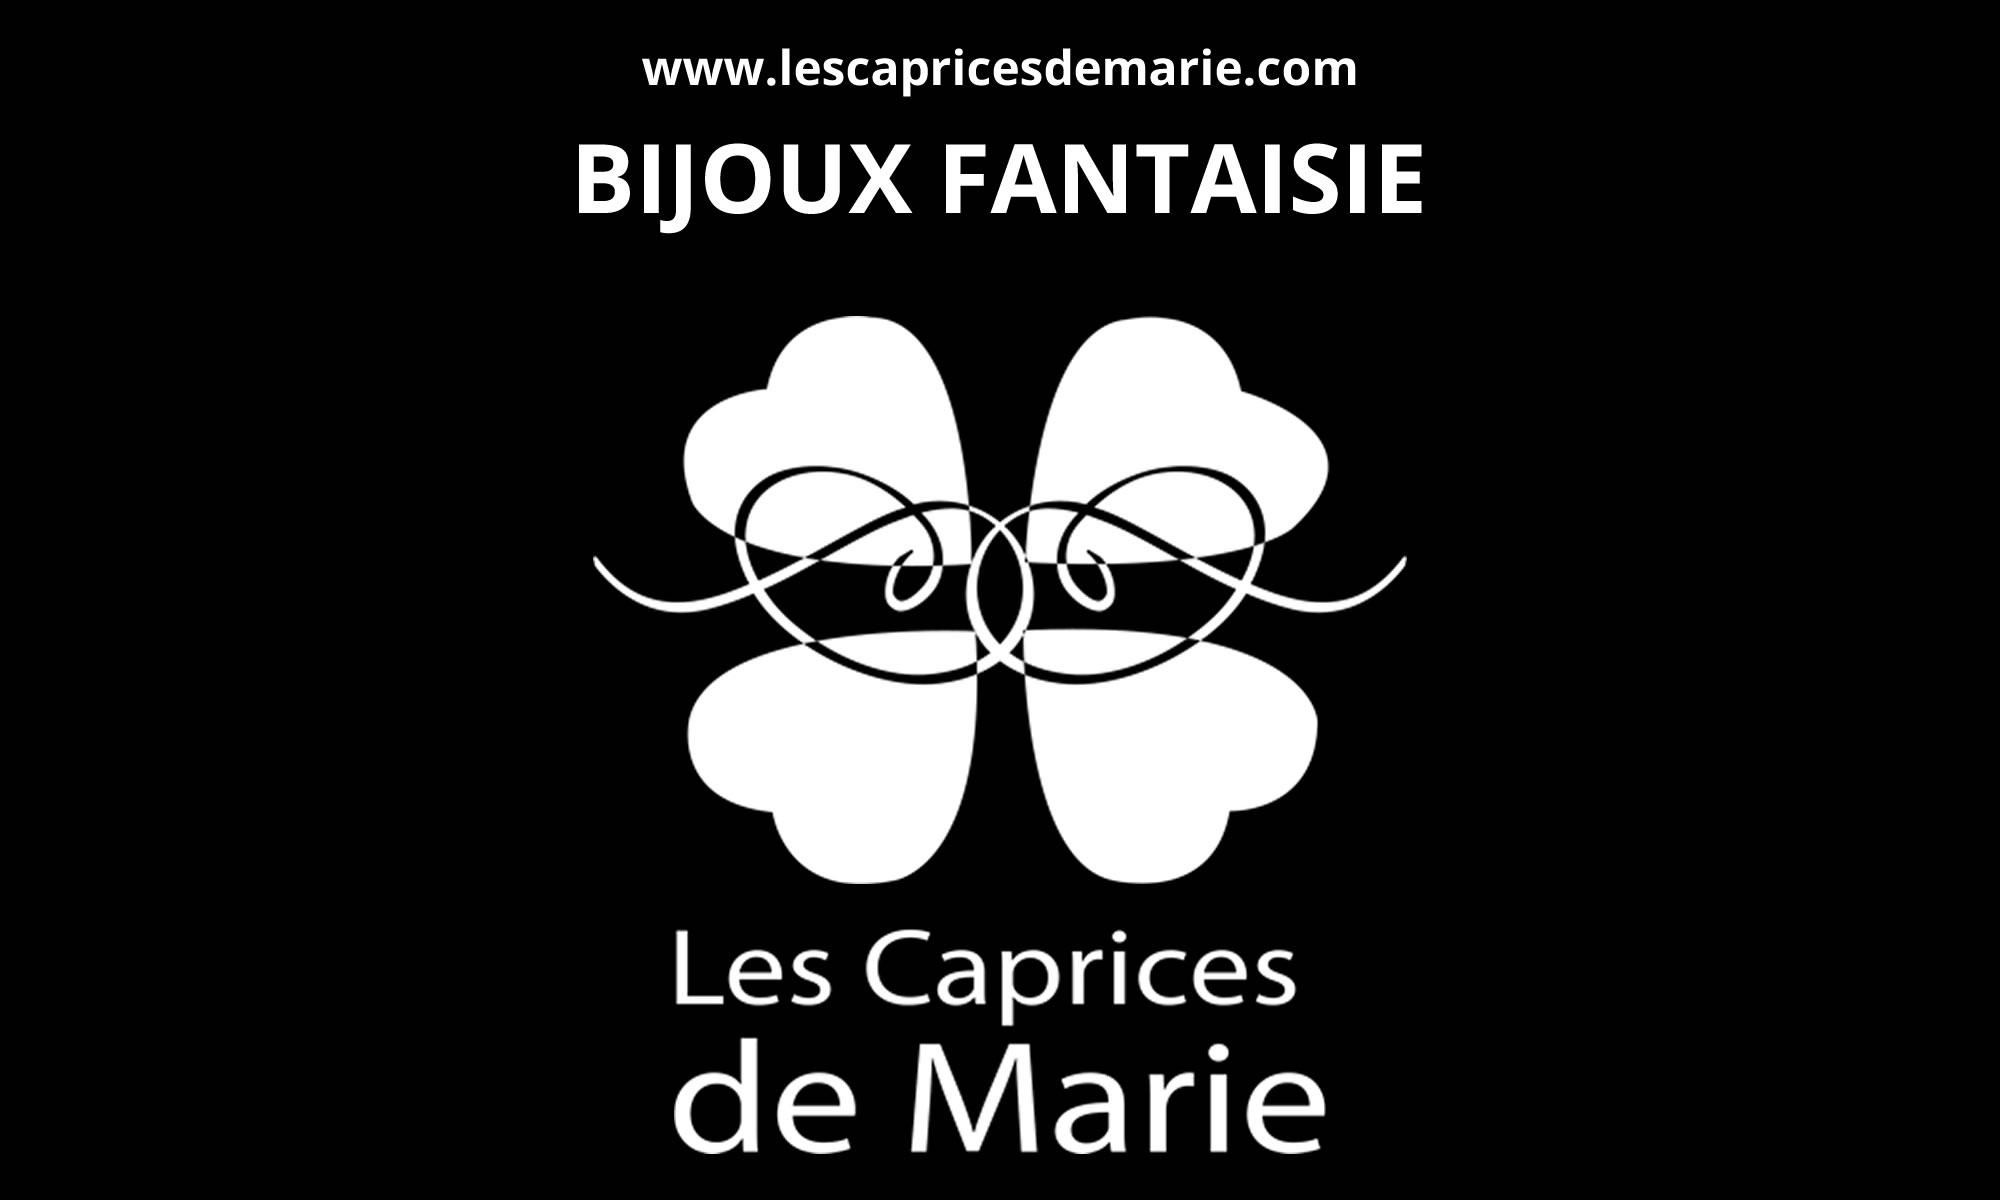 www.lescapricesdemarie.com - BIJOUX FANTAISIE - Les Caprices de Marie